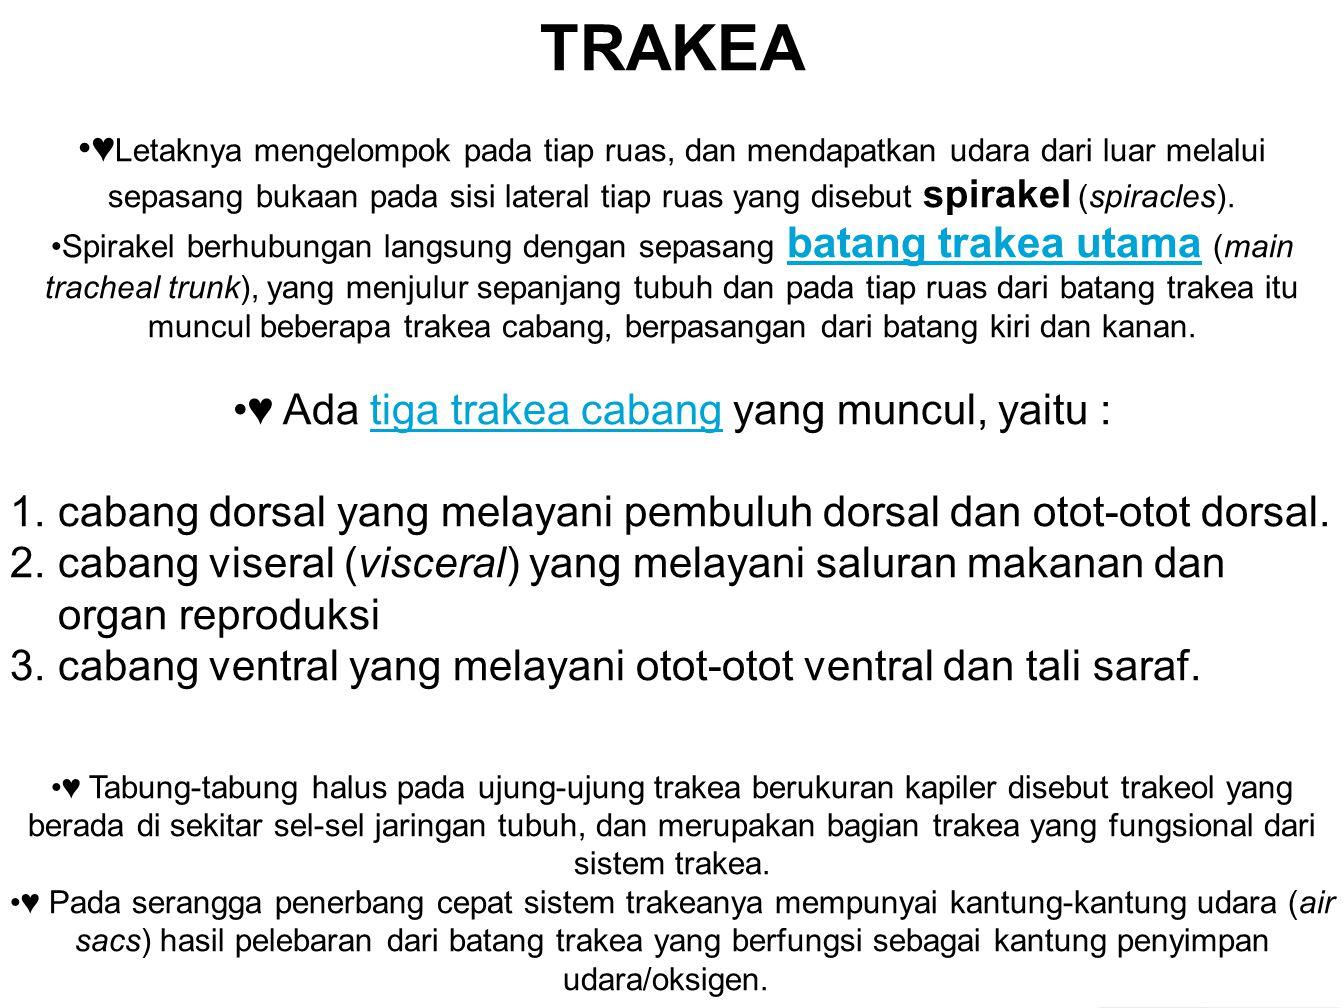 ♥ Ada tiga trakea cabang yang muncul, yaitu :